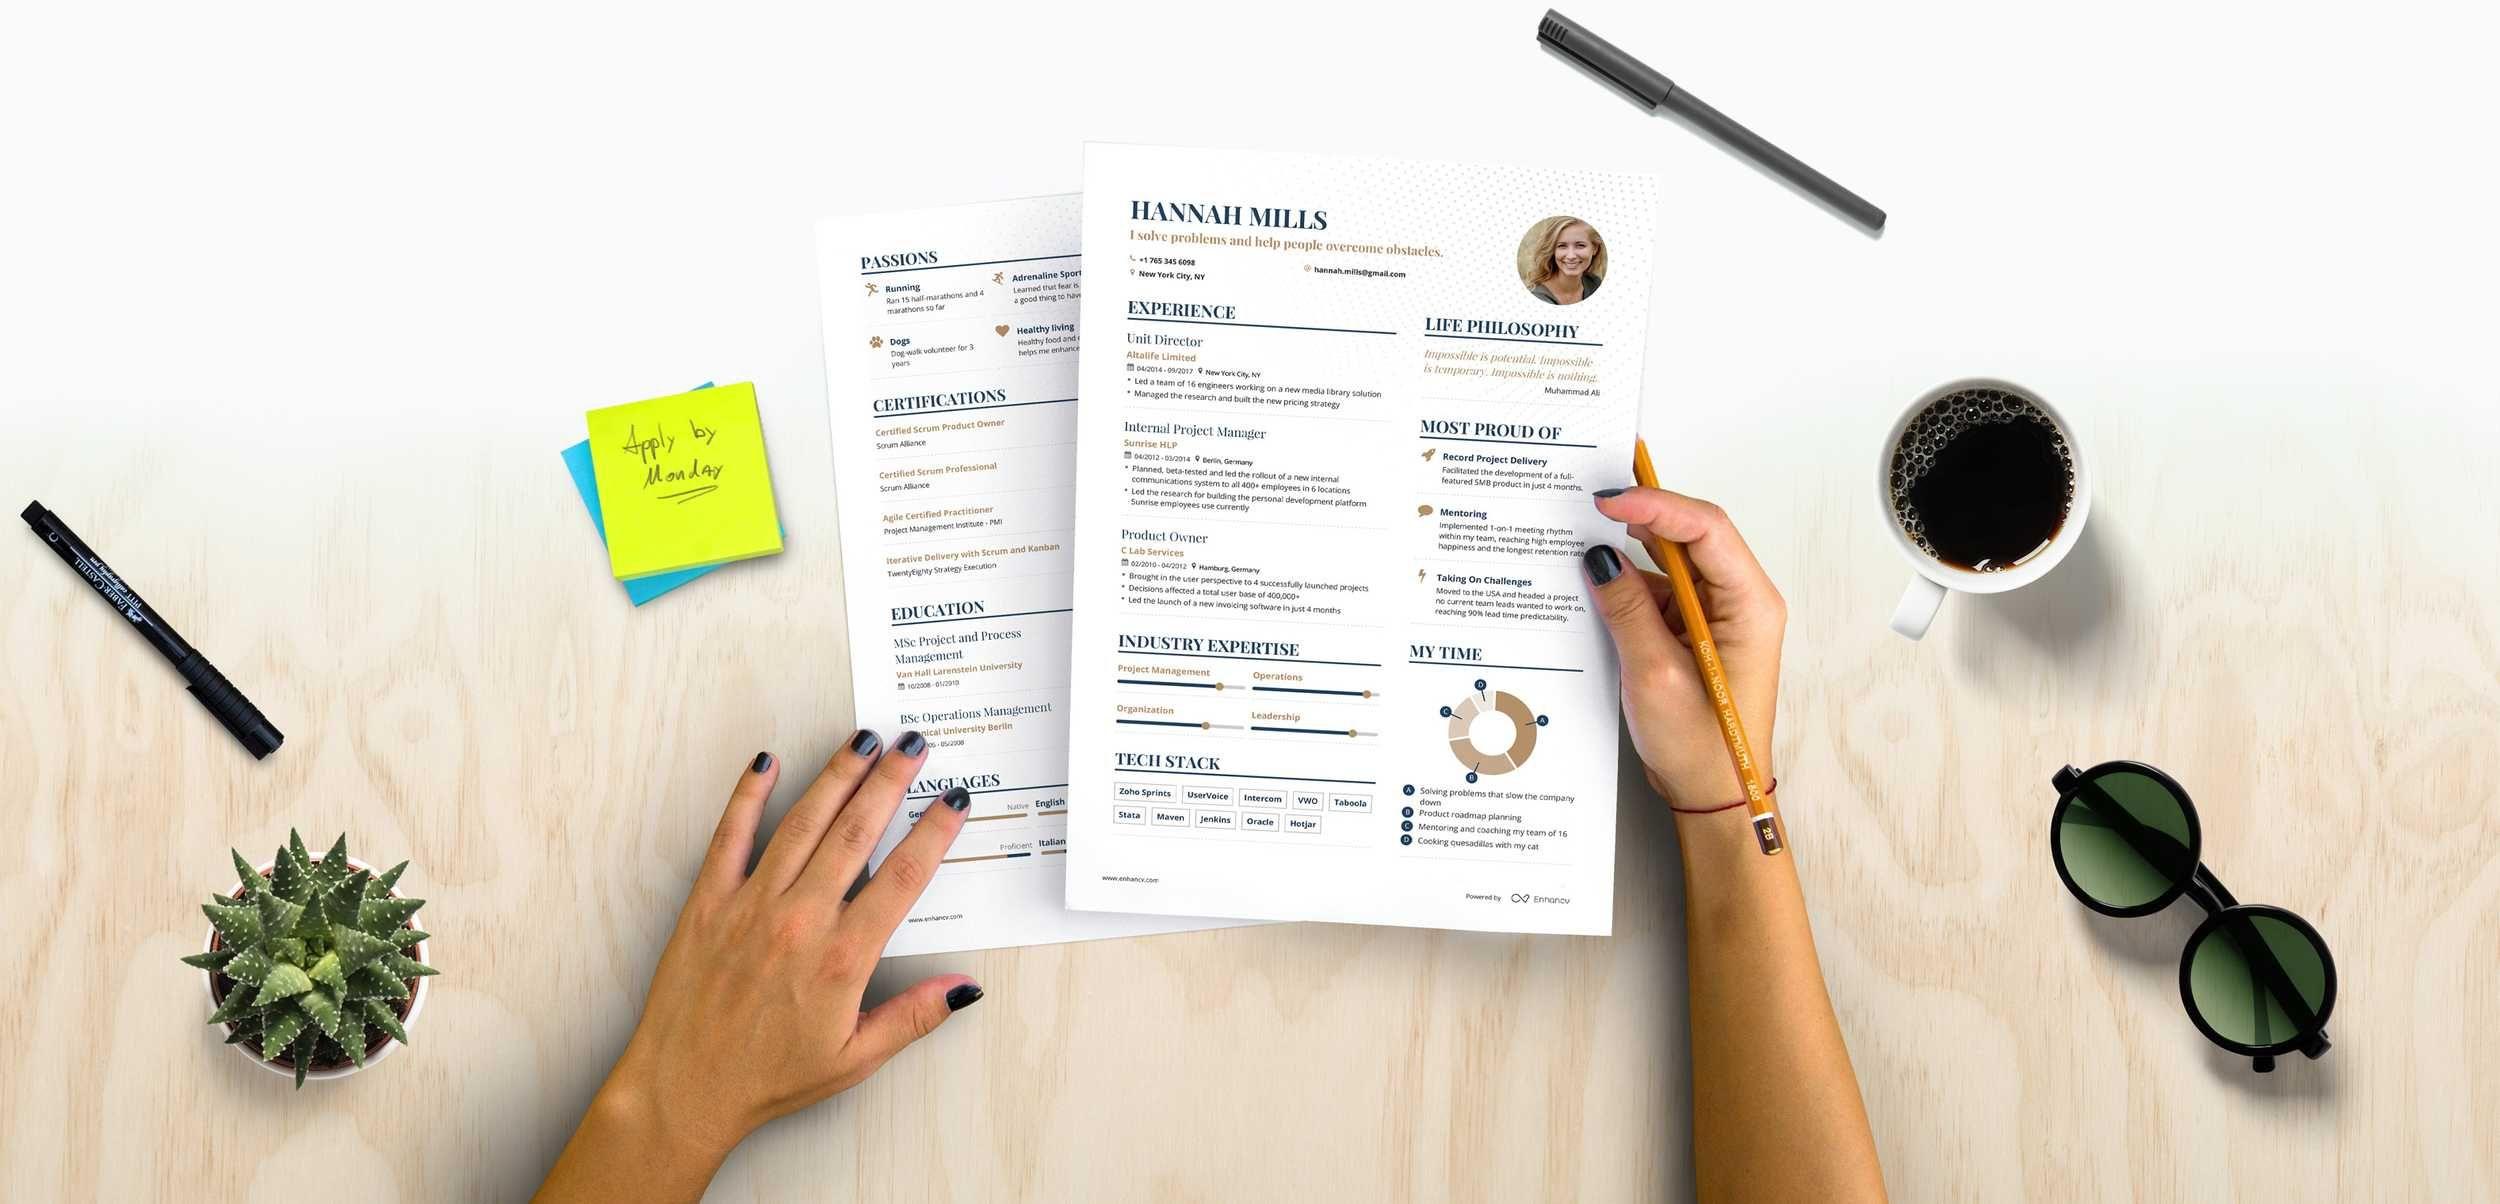 proudly holding resume photo